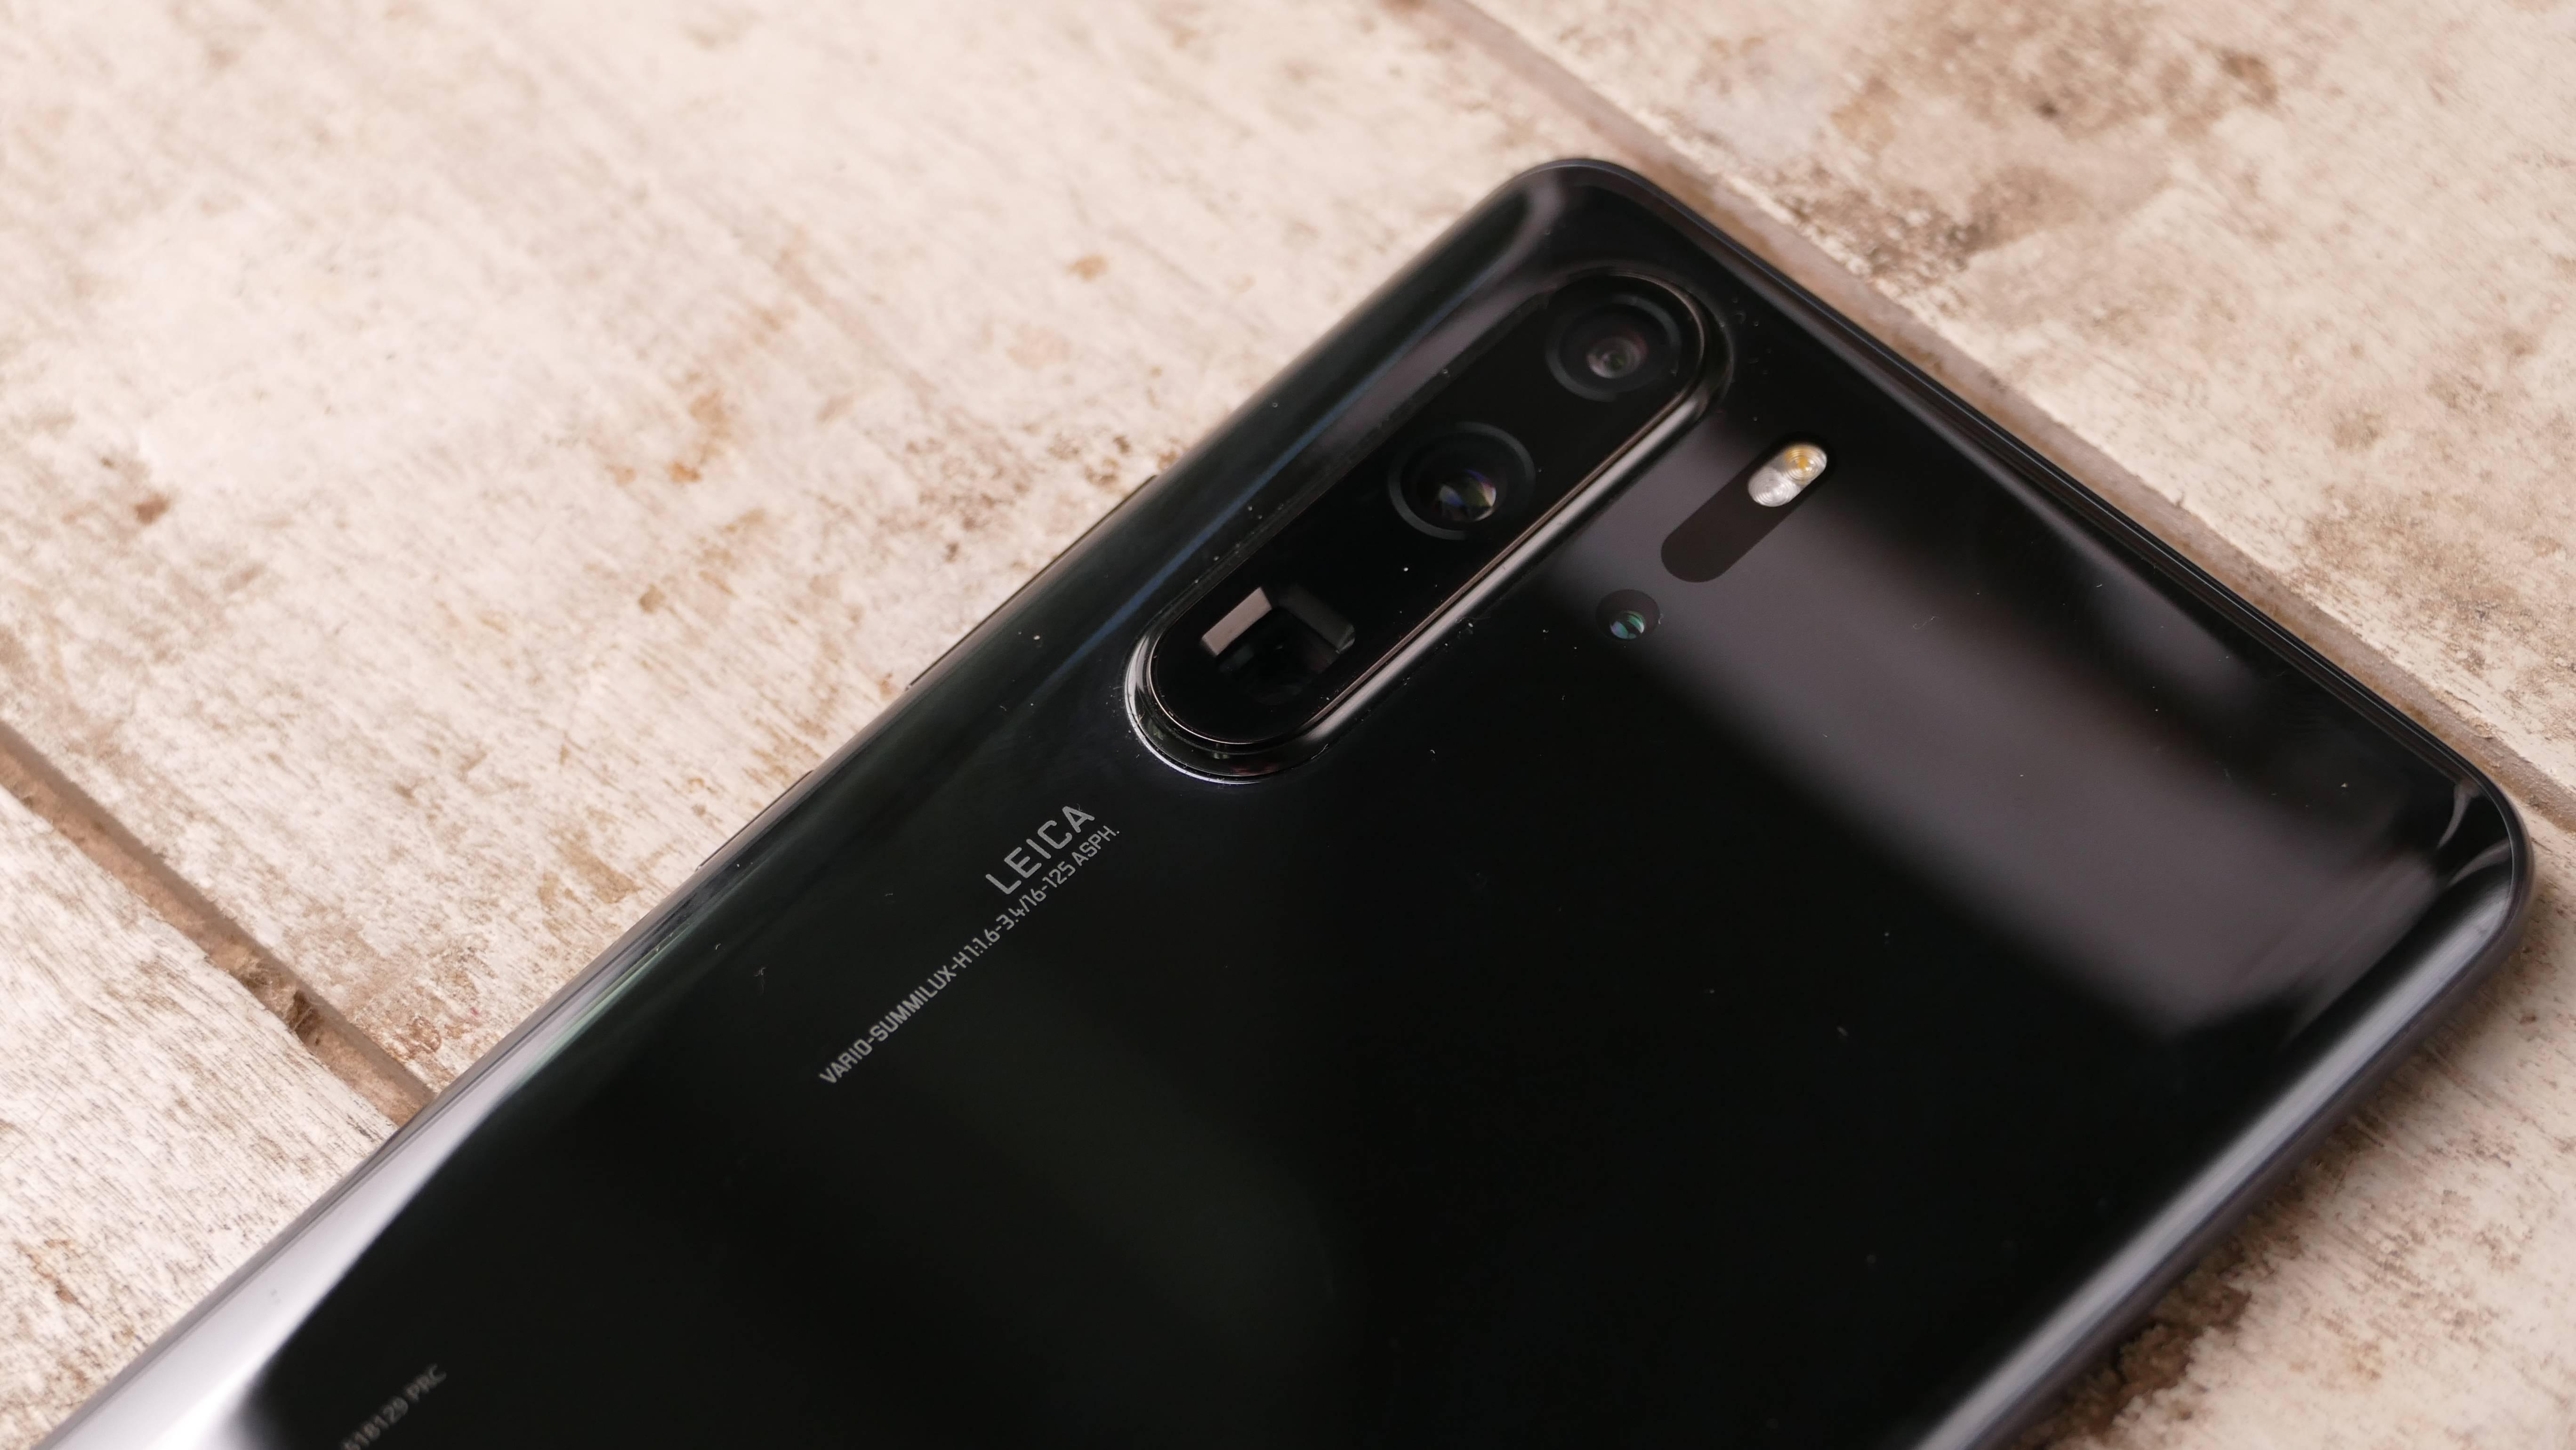 Estas son las mejores características de la gama alta actual que puedes encontrar en Android